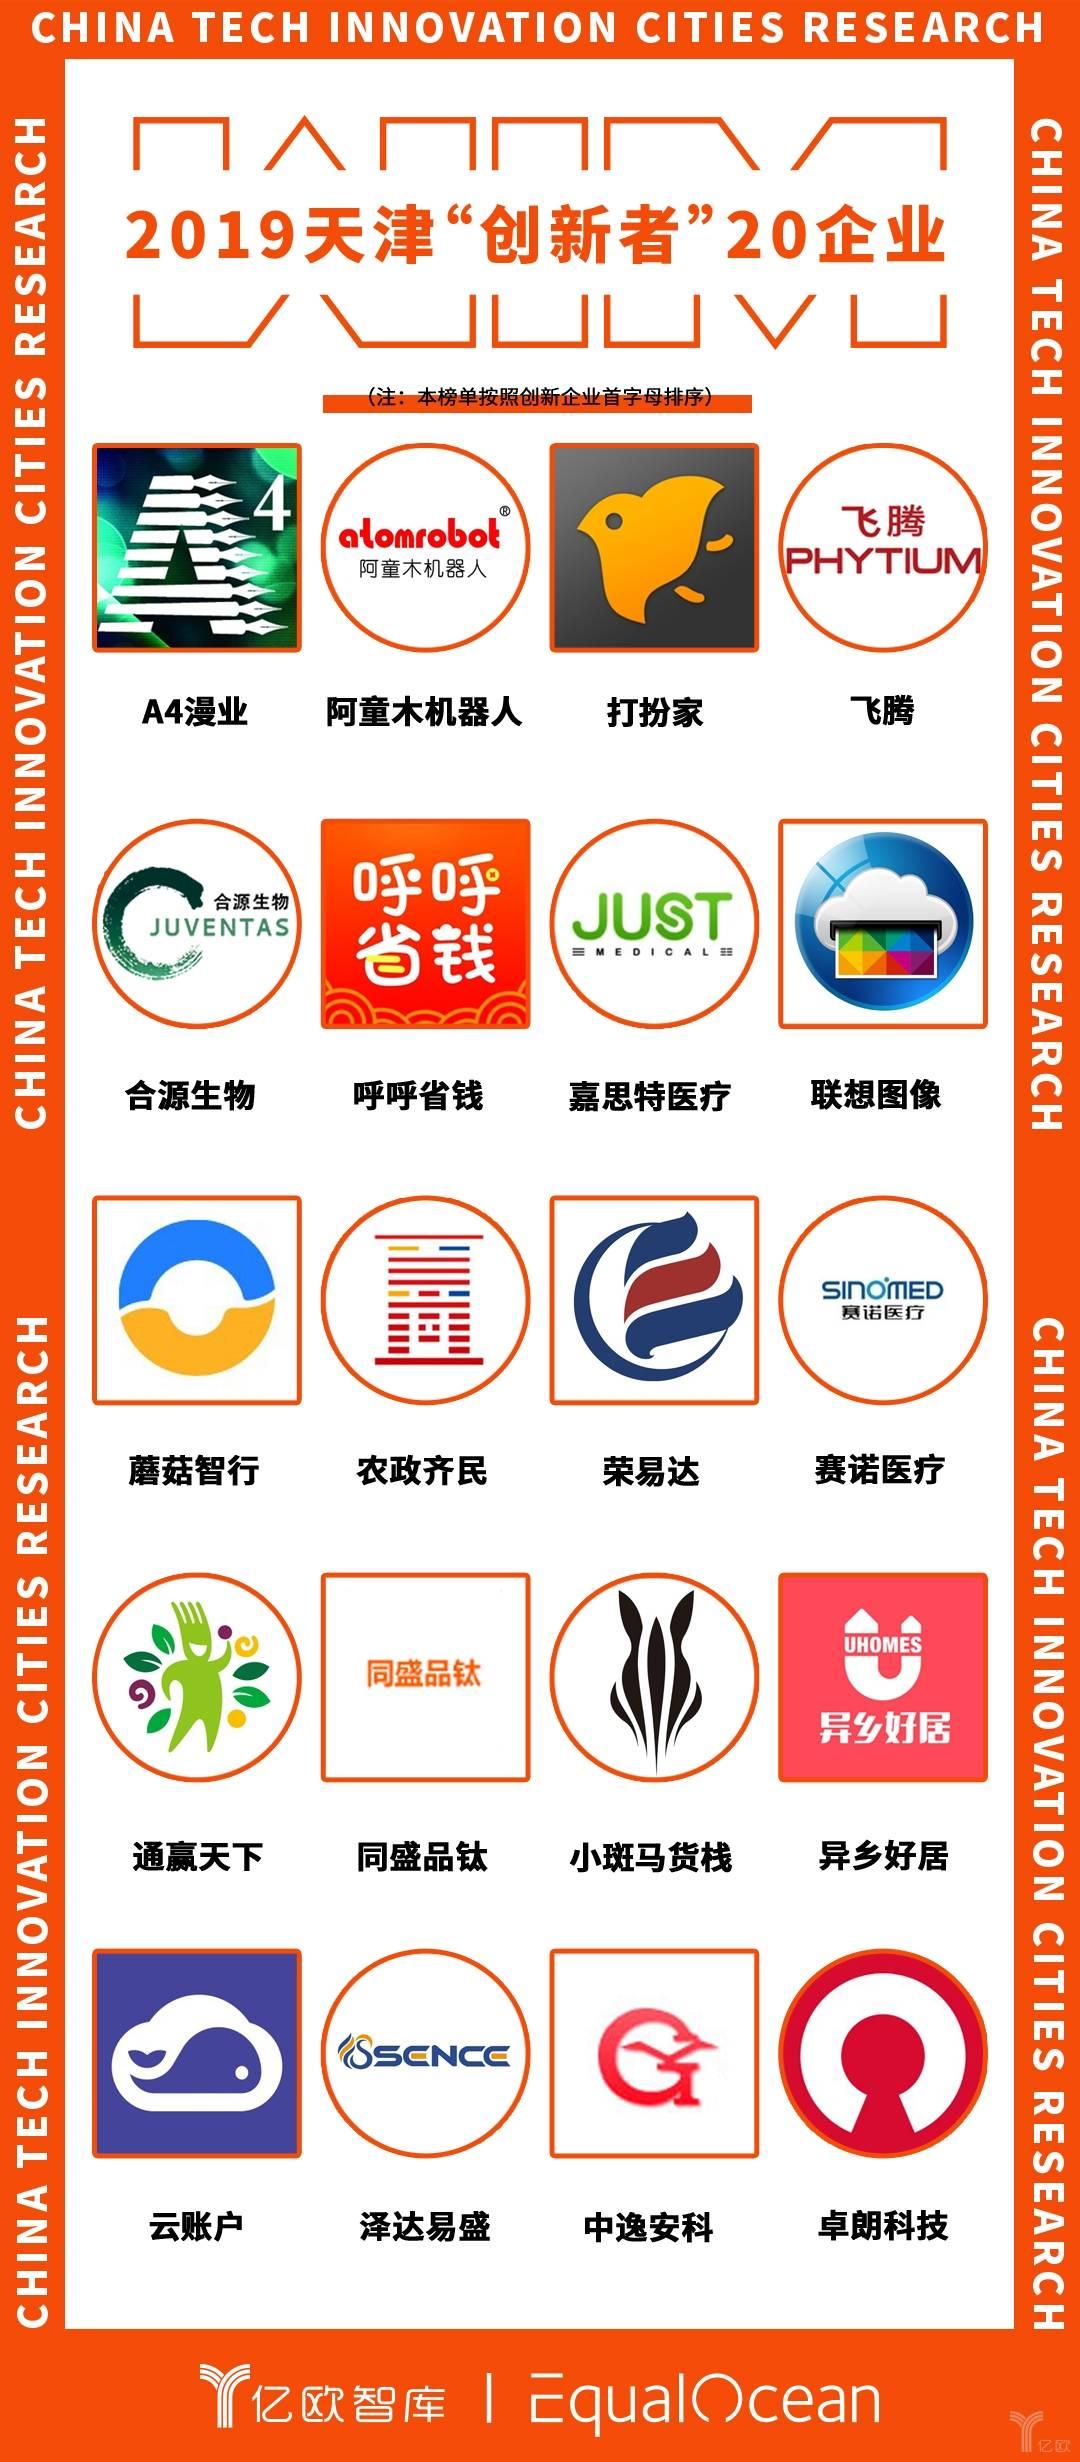 """2019天津""""创新者""""20企业.jpeg"""